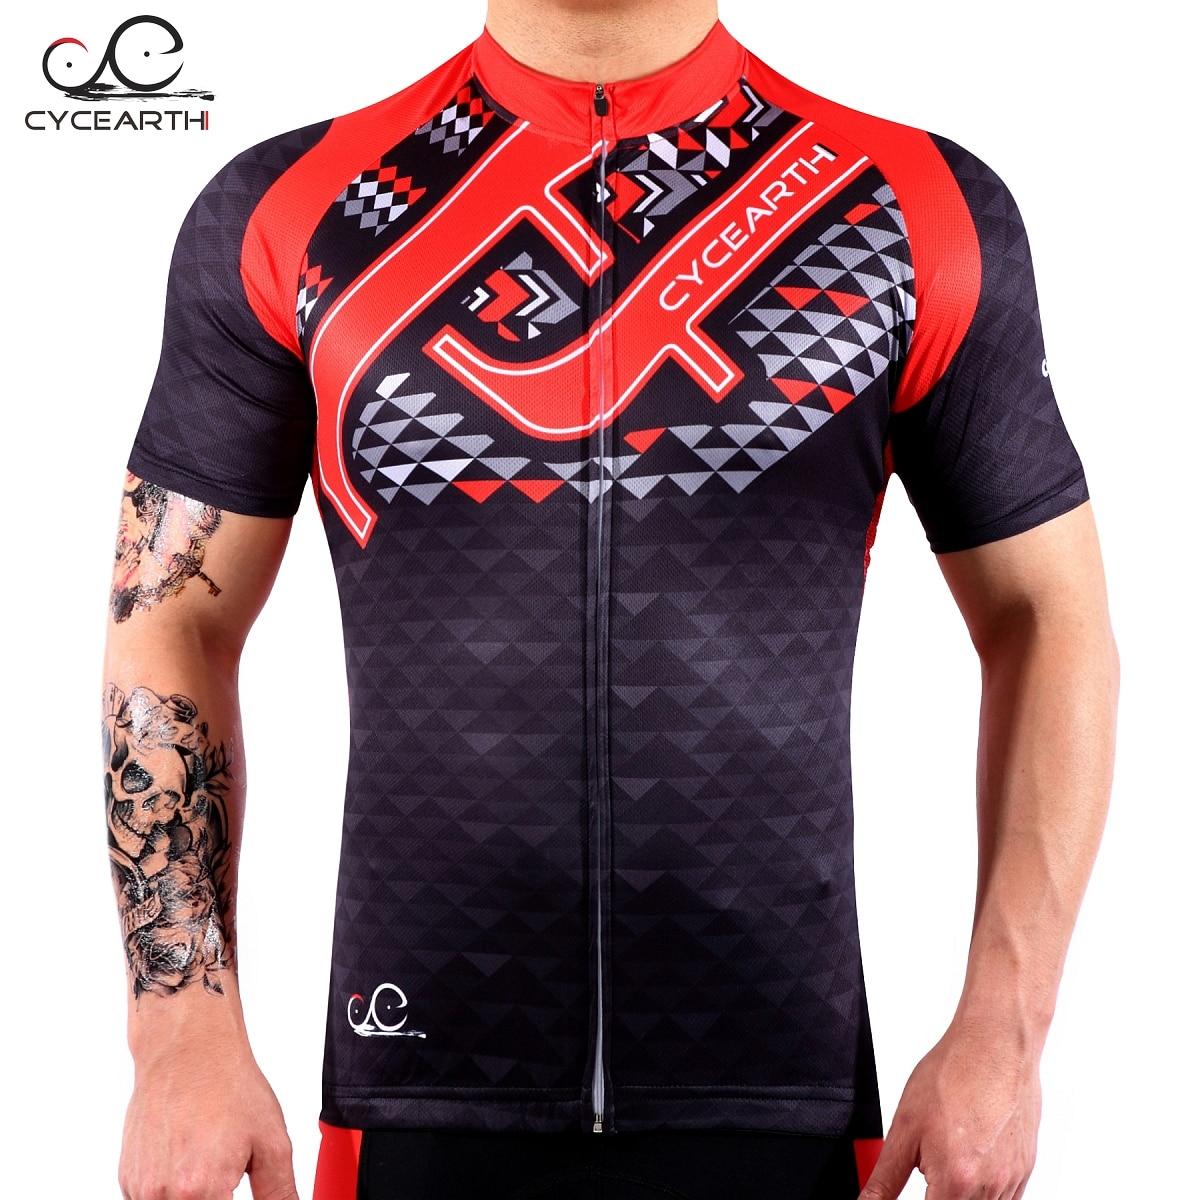 ¡Venta de liquidación! Jersey de verano para ciclismo de hombre, ropa de manga corta, camiseta para montar en bicicleta, ofertas especiales, Break Code Stock